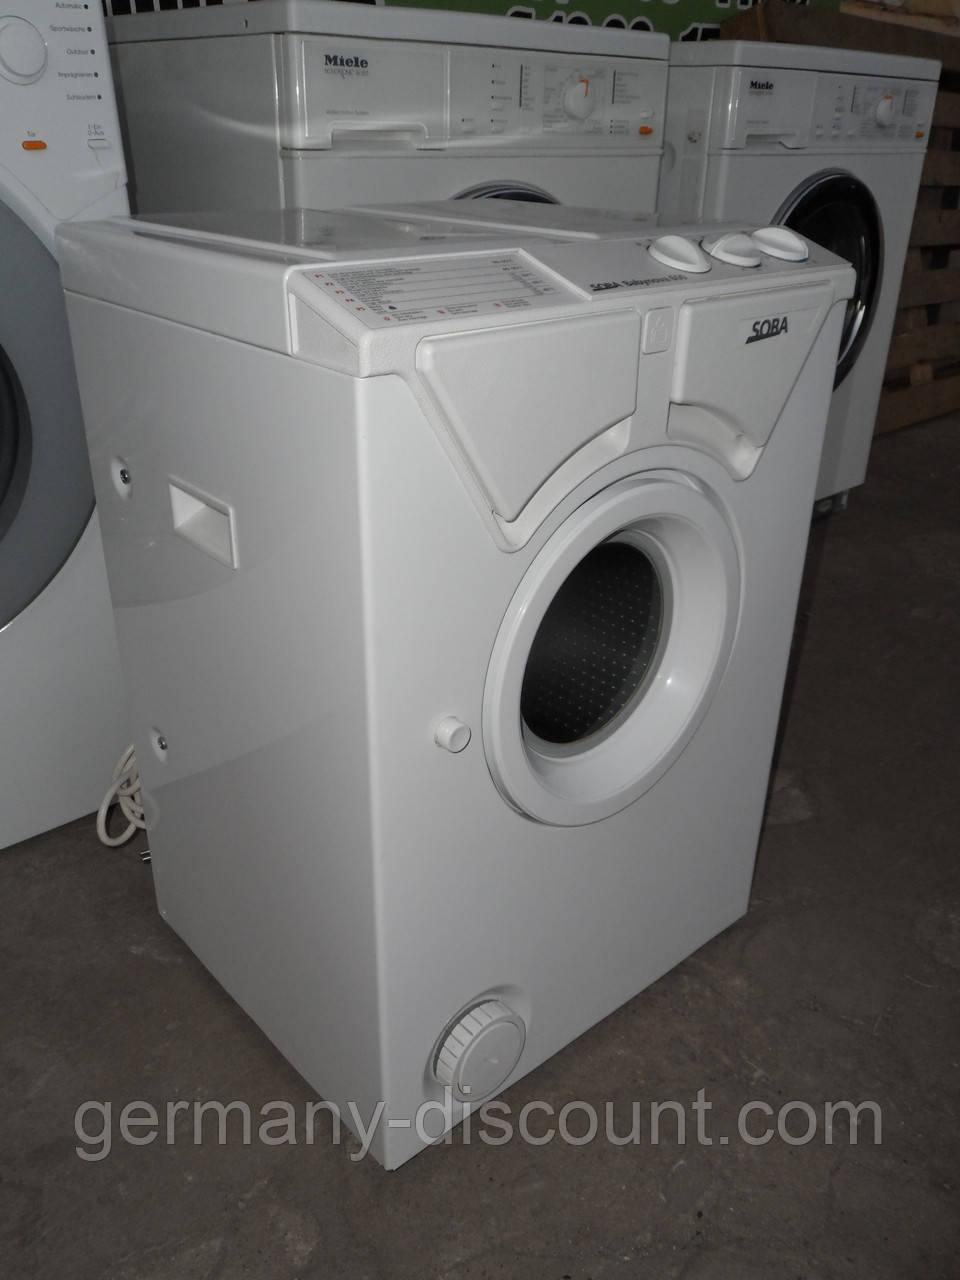 инструкция для стиральной машины whirlpool awg 294